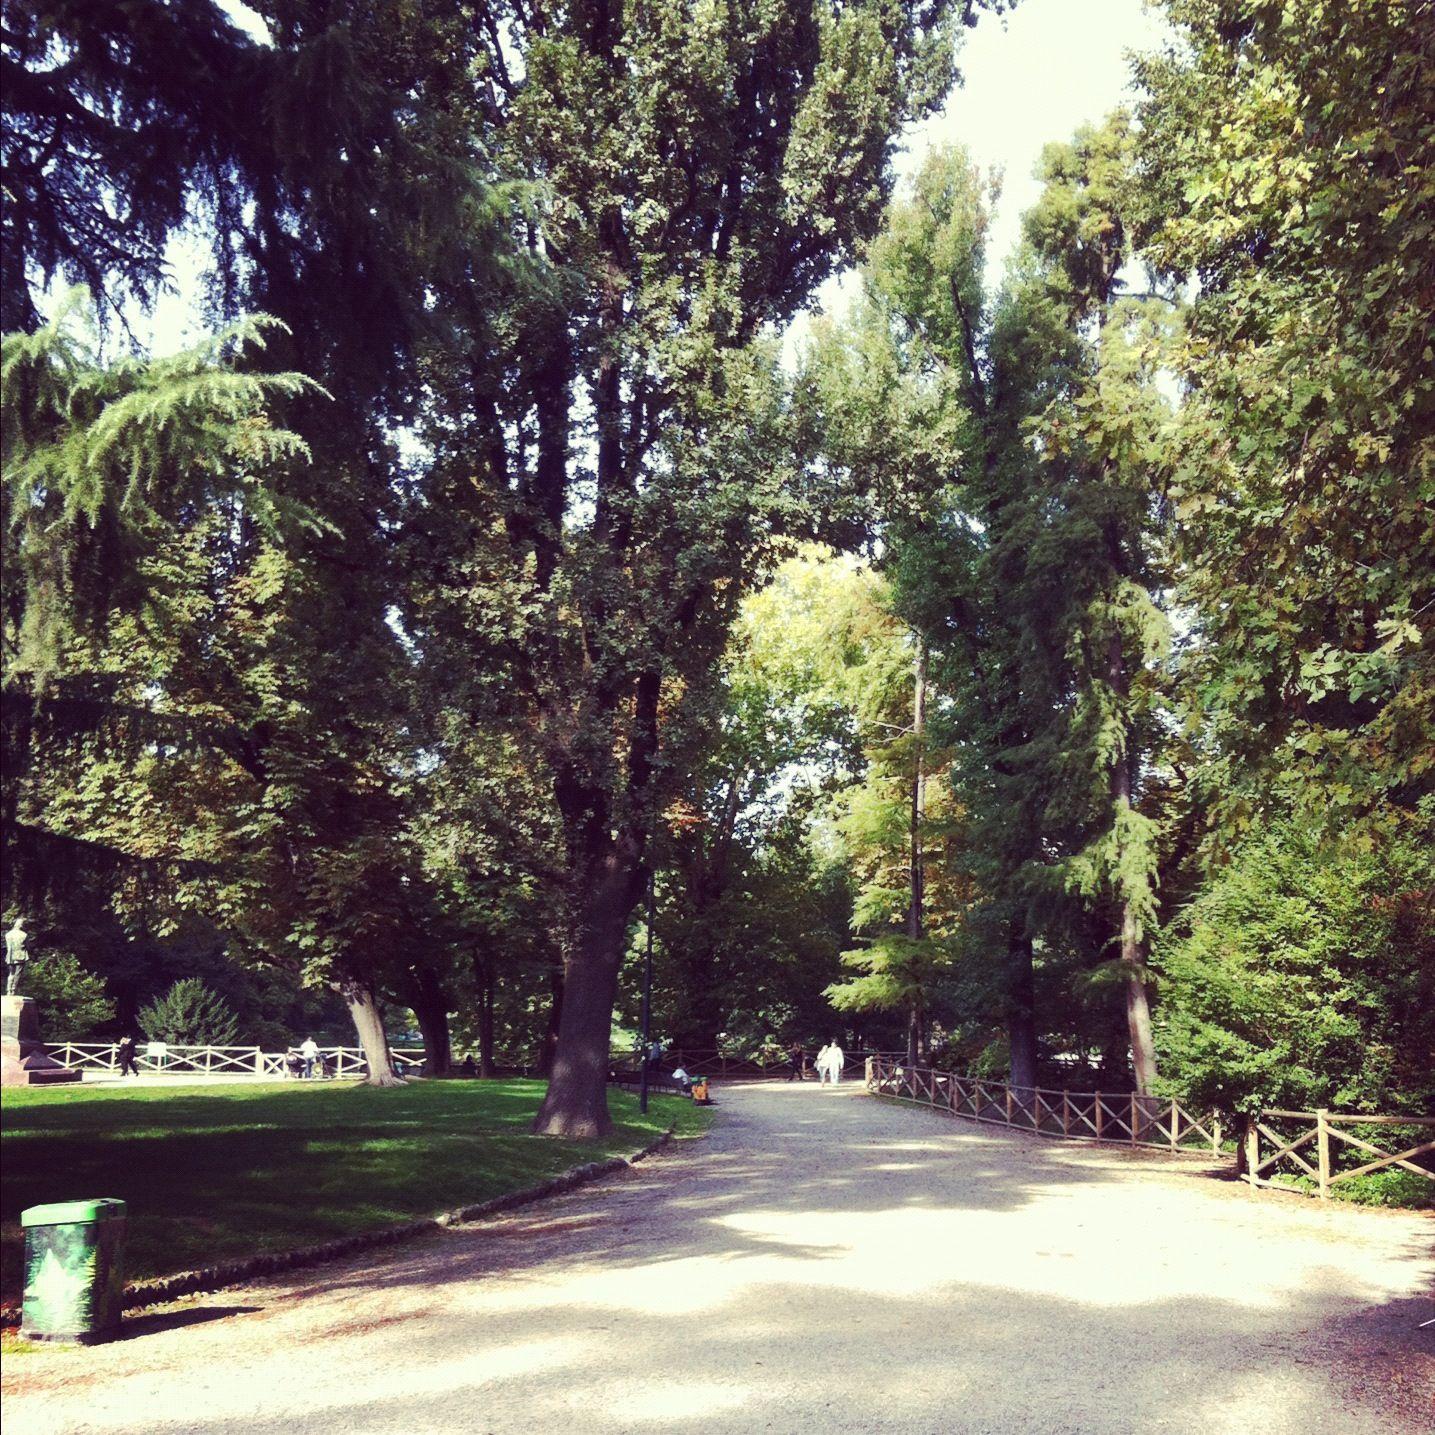 Giardini Pubblici Indro Montanelli Milan, Country roads